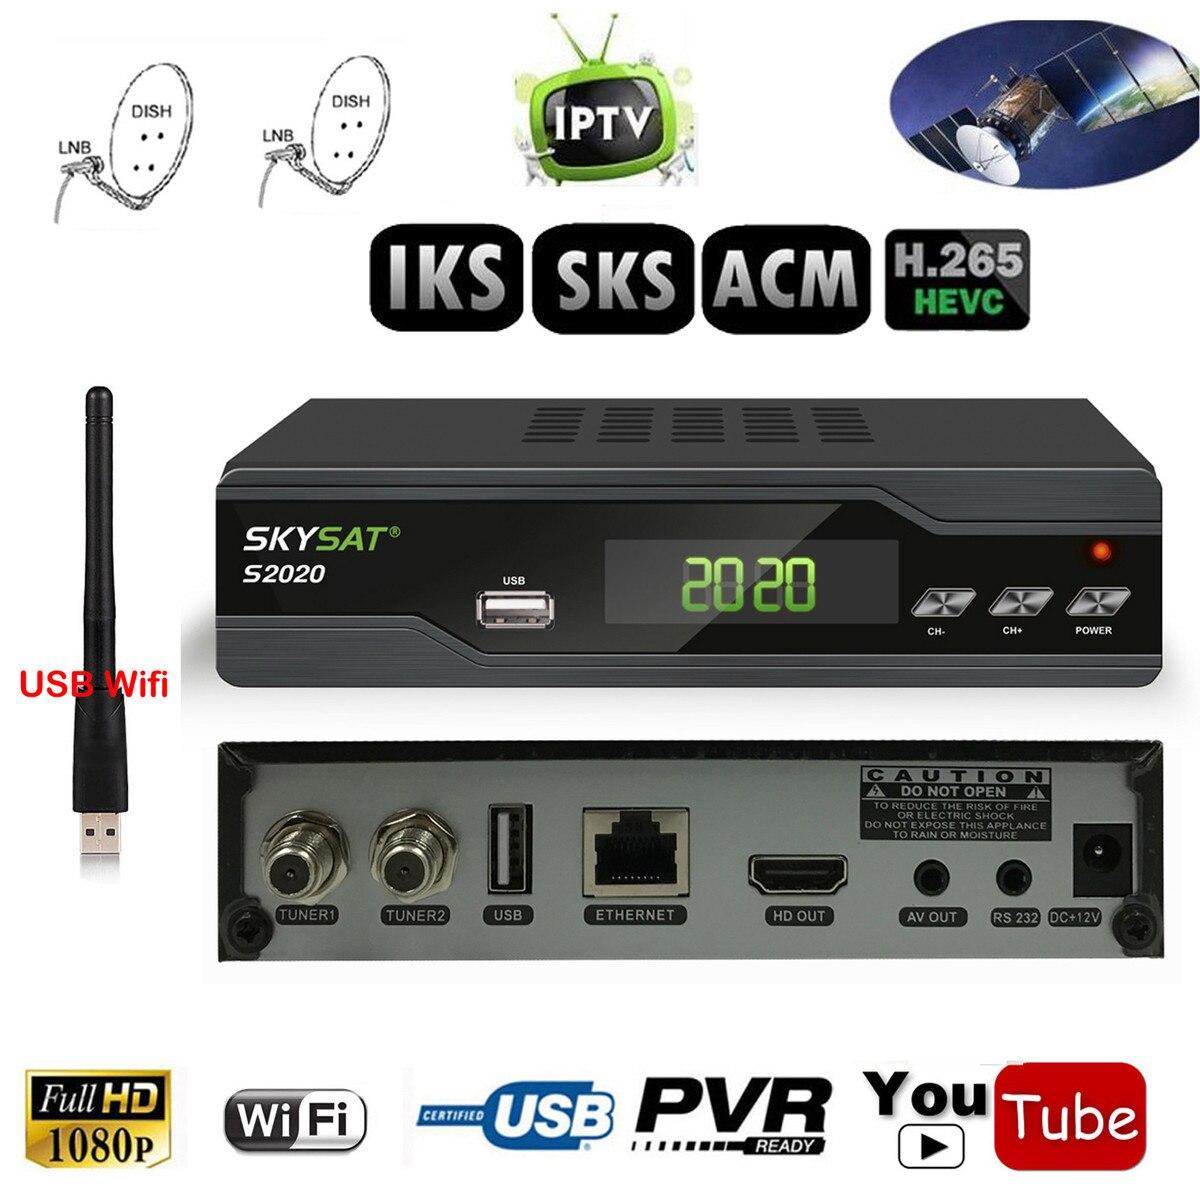 Double Tuner IKS SKS ACM IPTV H.265 Satellite Récepteur pour Du Sud amérique Europe Moyen-Orient Asie Soutien Wifi 3G Cccam IKS CS DLNA